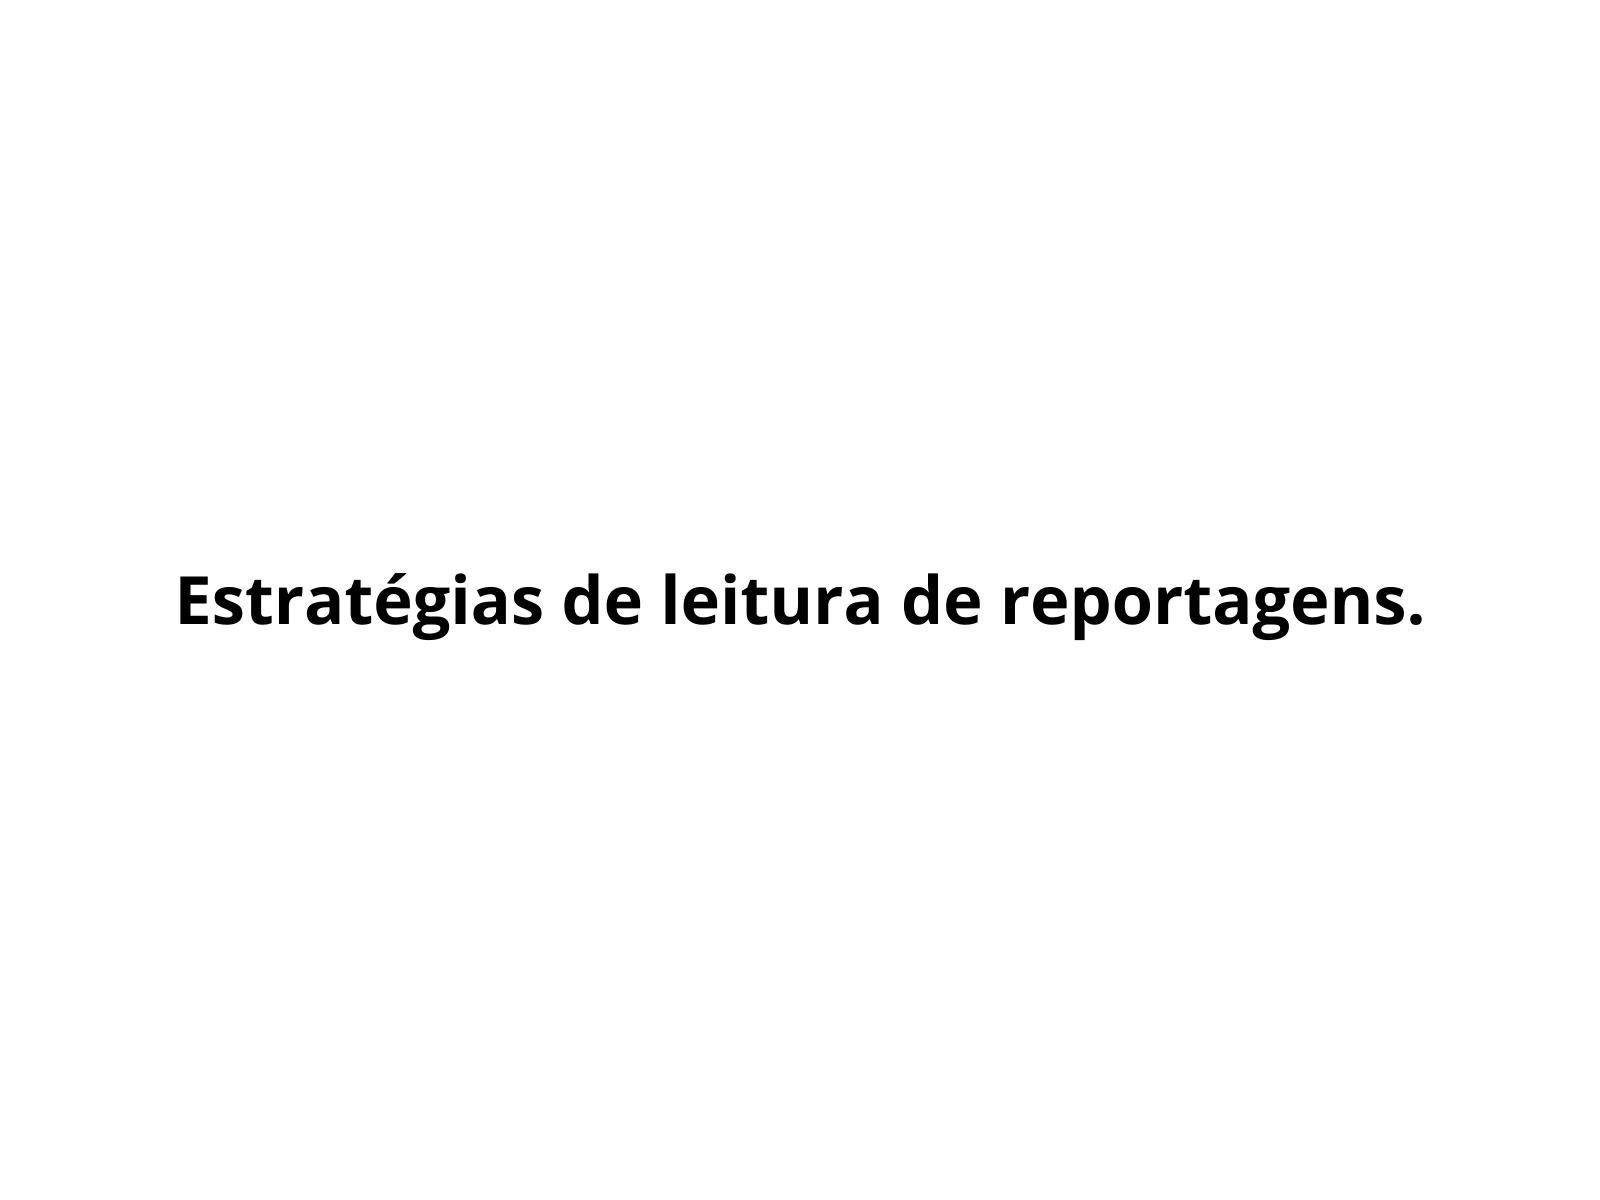 Estratégias para leitura de reportagem.